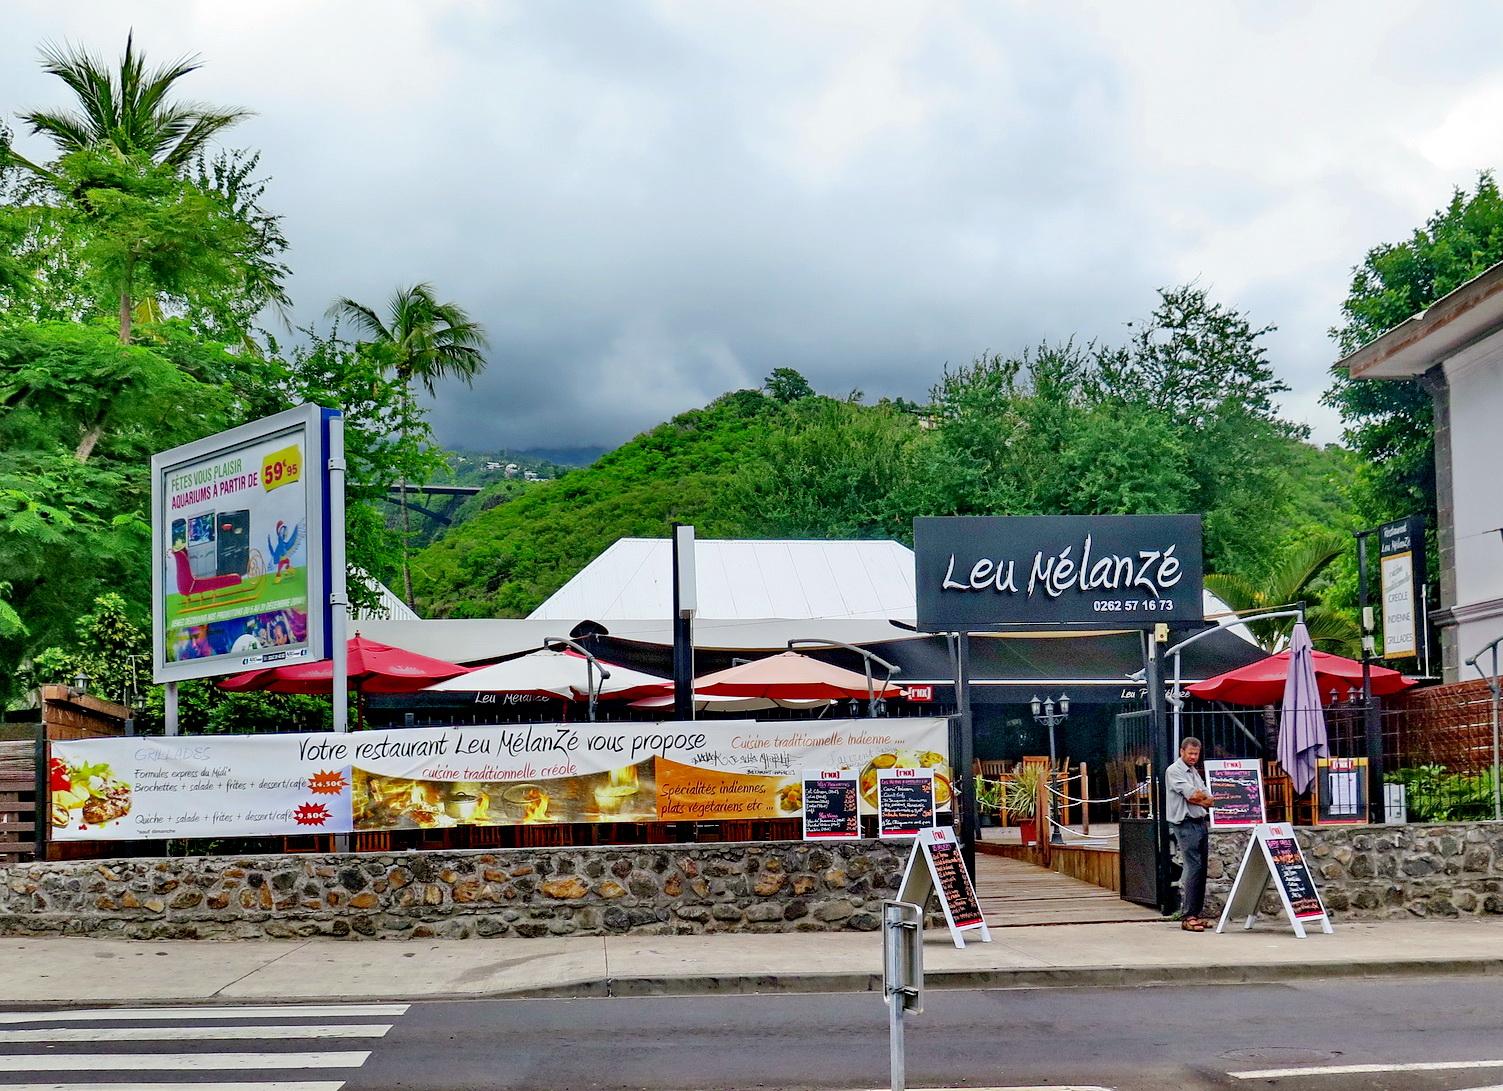 [Vie des ports] Les ports de la Réunion - Page 3 486797stpierrestleu174